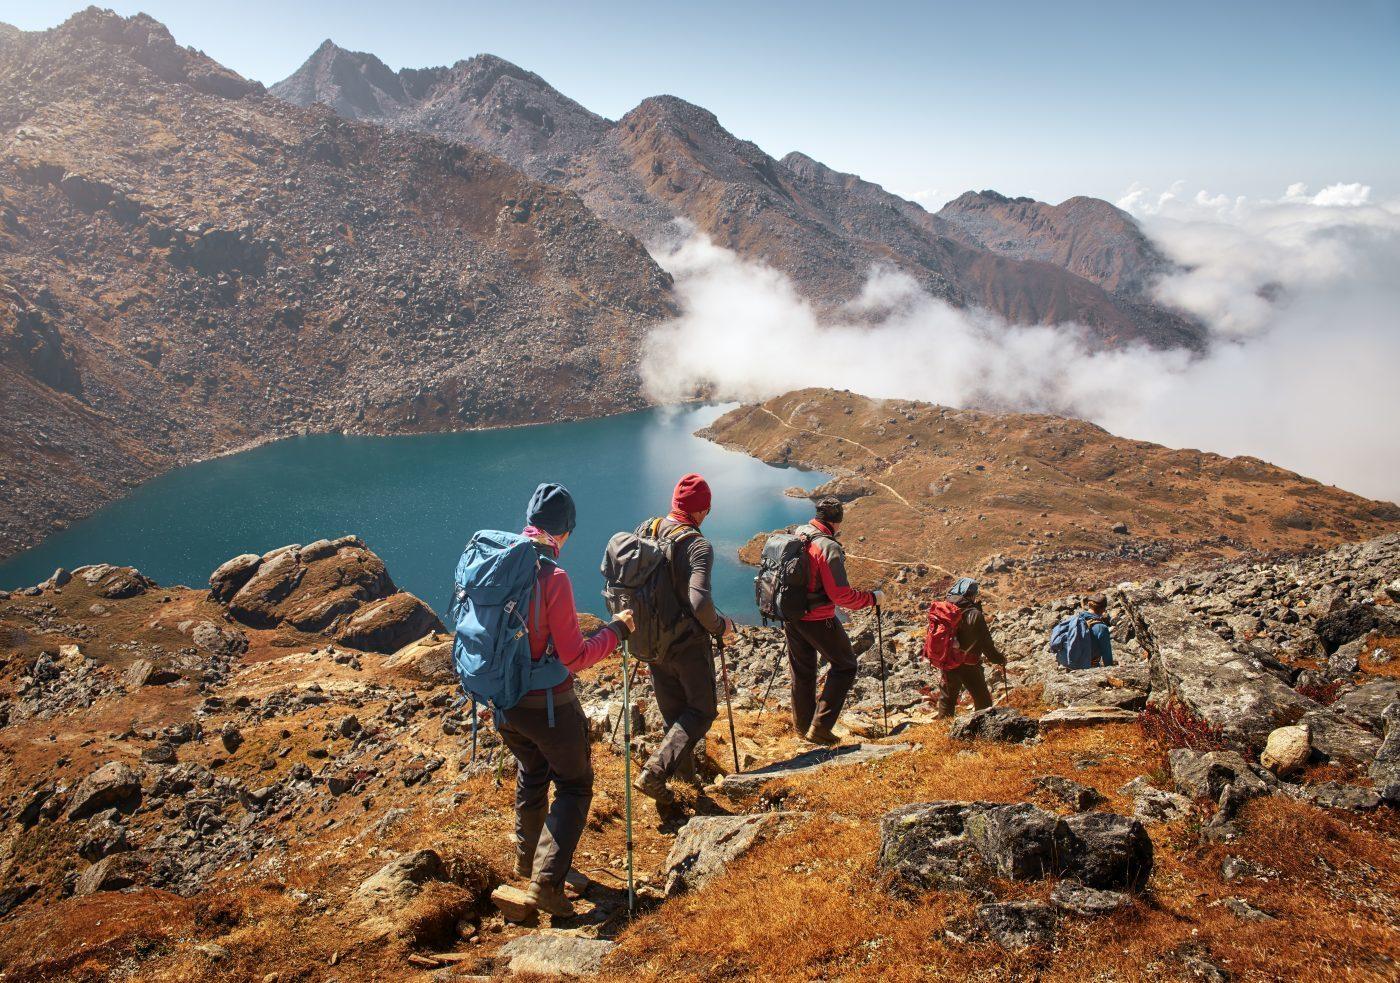 Để chinh phục đỉnh núi bạn sẽ phải di chuyển ở nhiều địa hình khác nhau